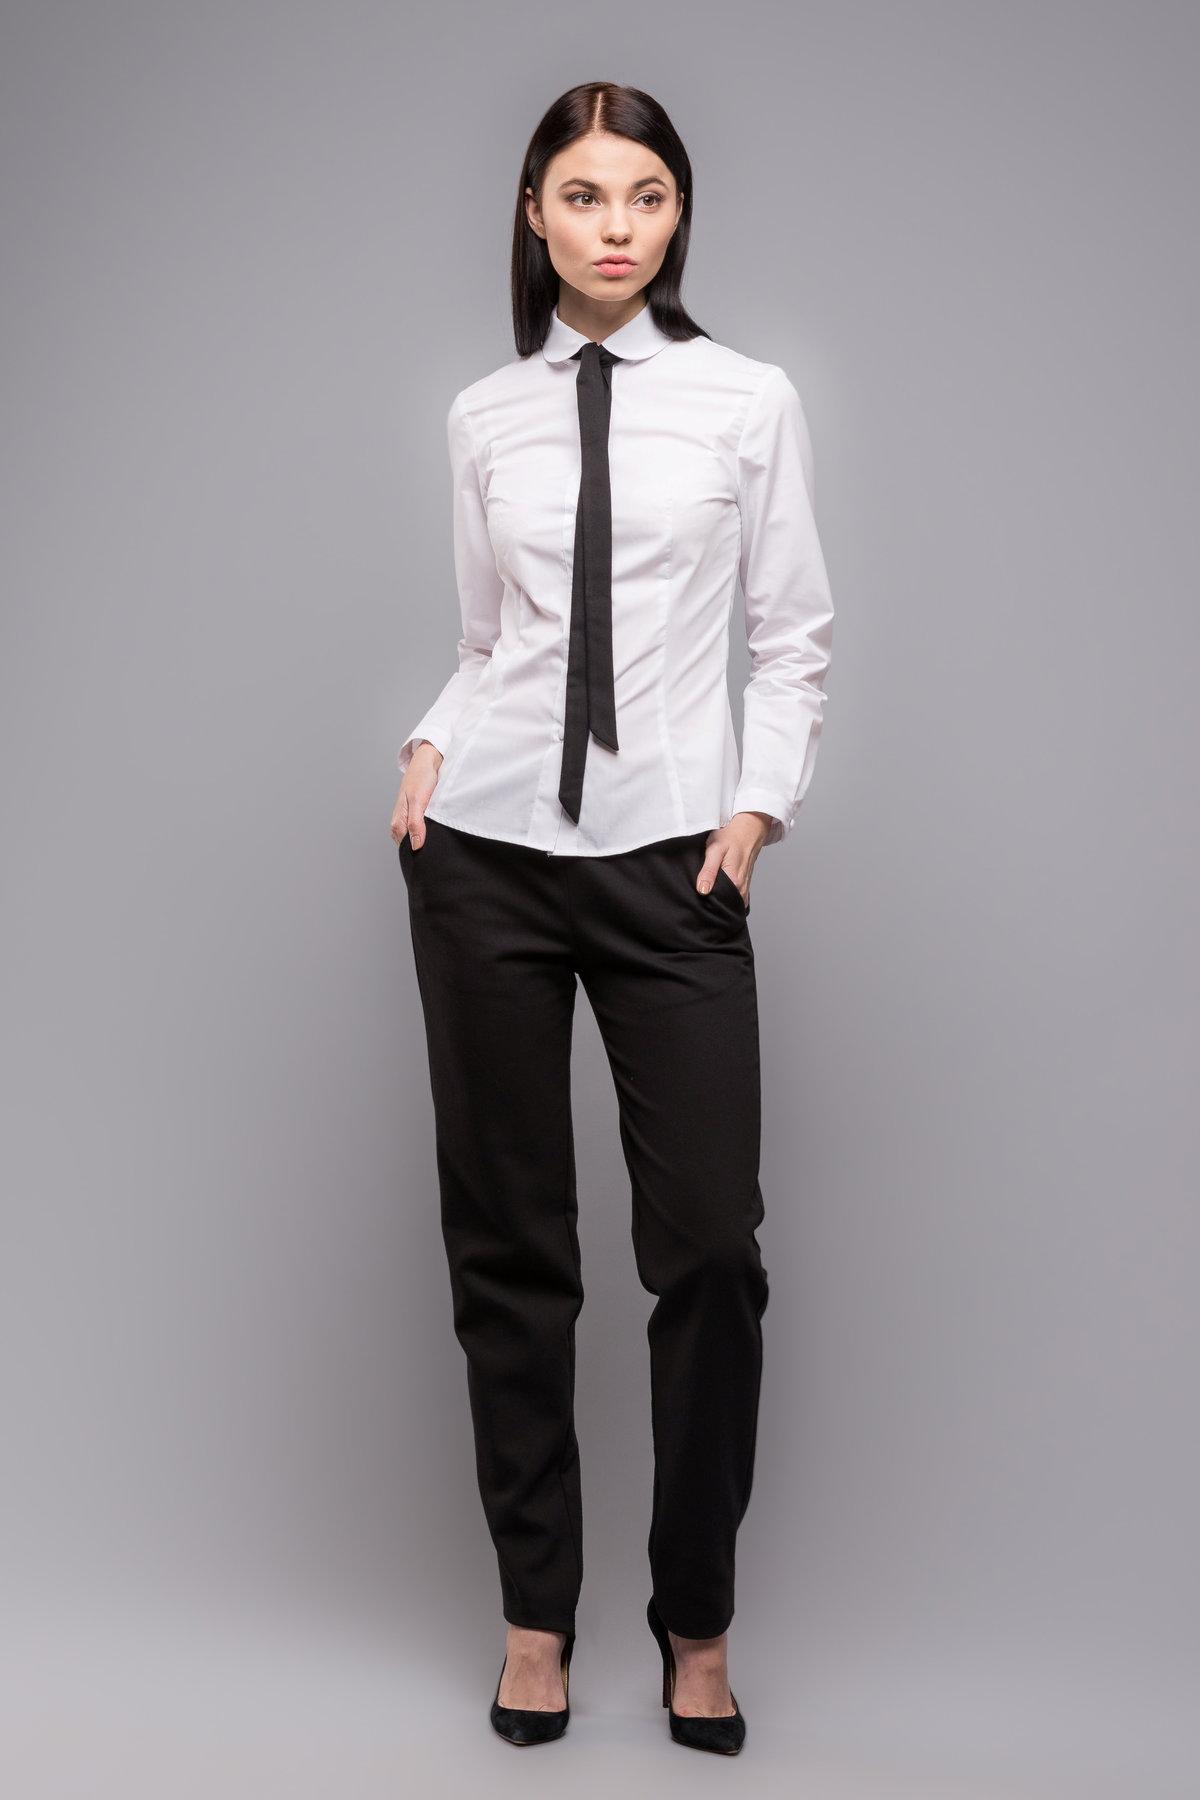 f64e23fb662 Галстук женский черный с белой рубашкой Галстук женский черный с белой  рубашкой